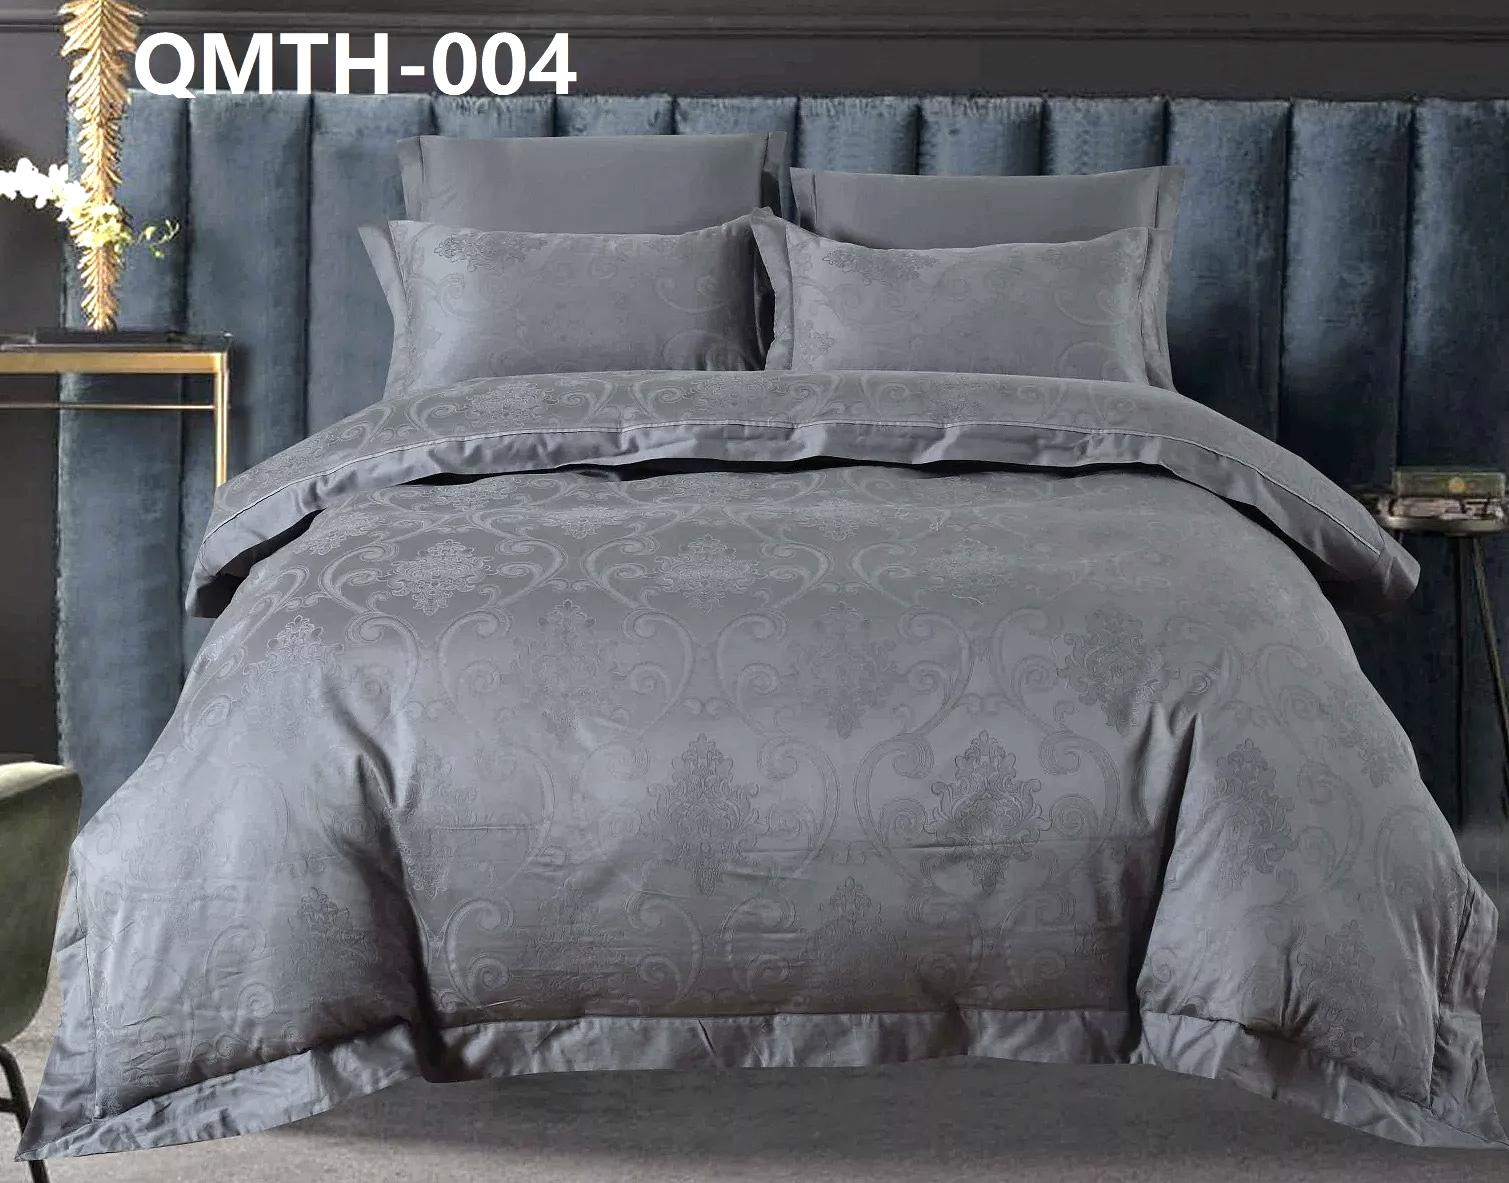 Постельное белье из сатина-люкс QMTH-004 Retrouyt